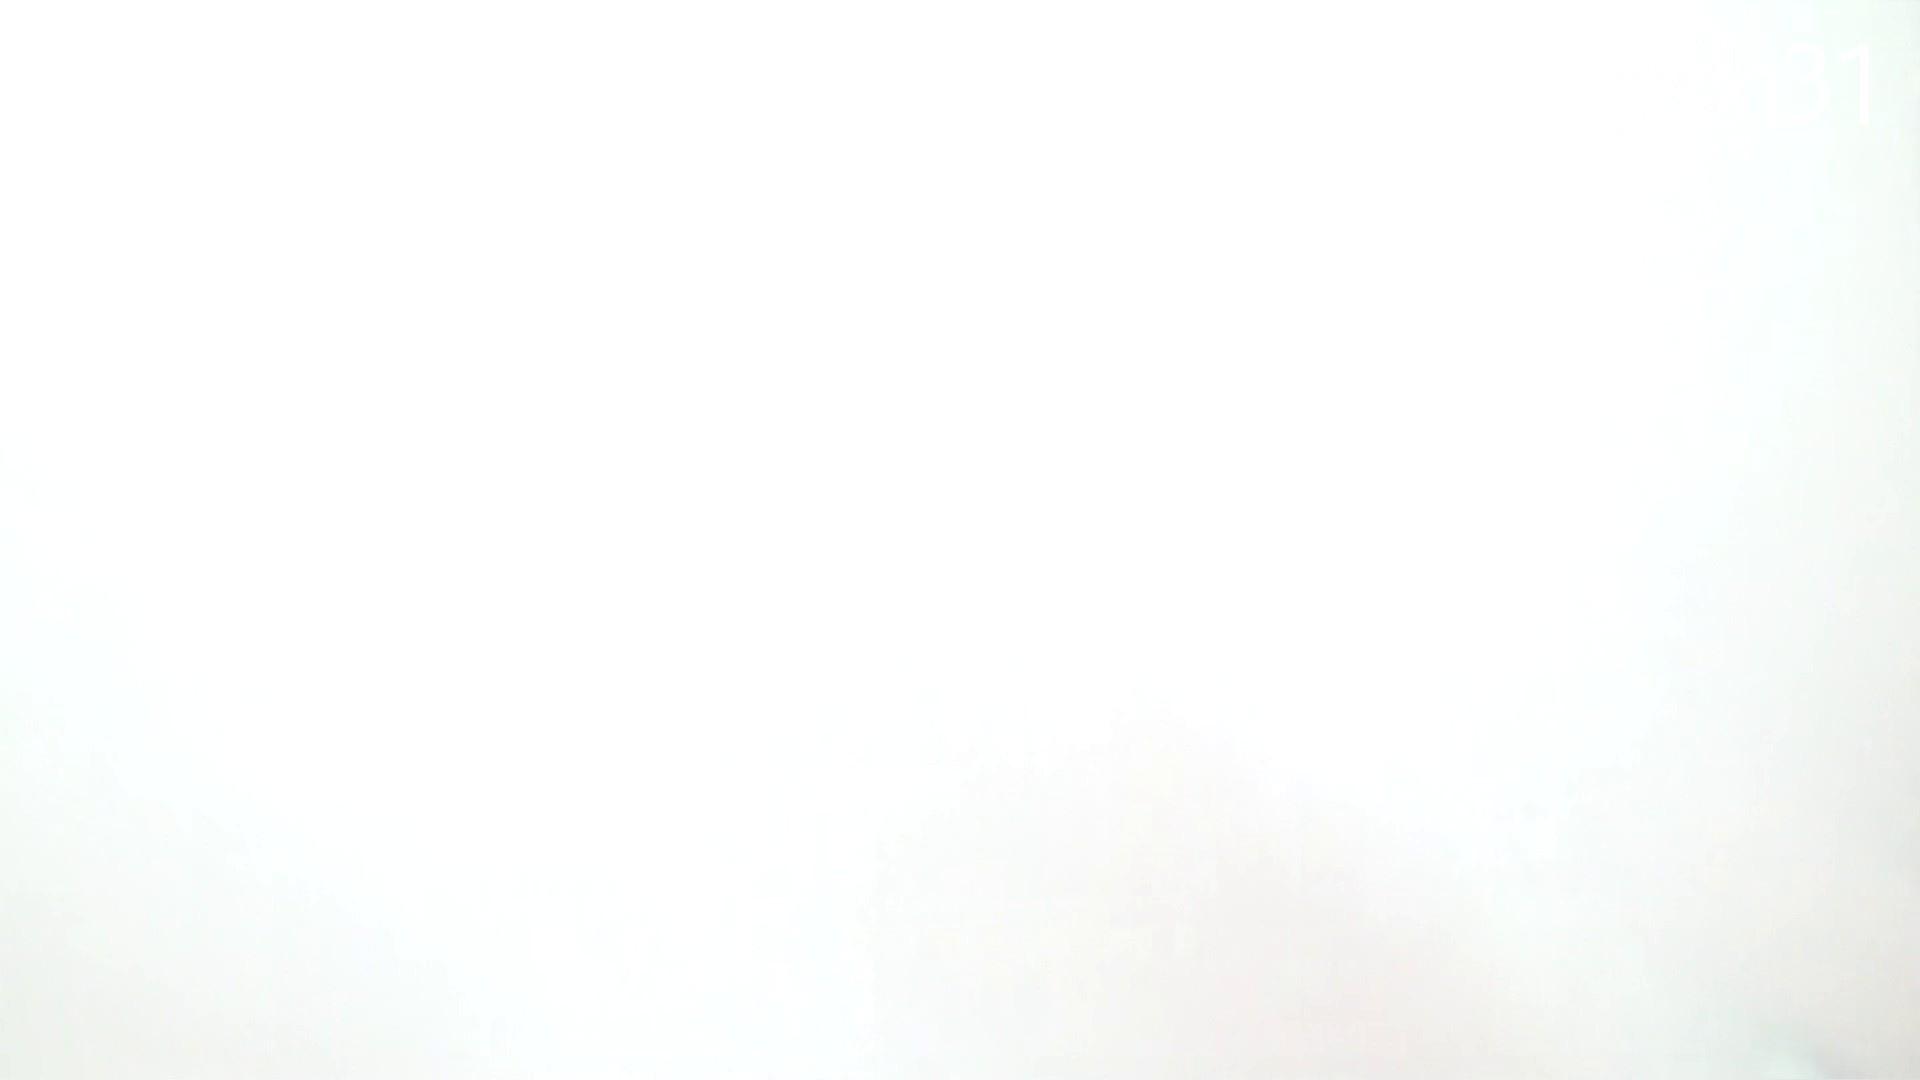 ▲復活限定▲ハイビジョン 盗神伝 Vol.31 エッチすぎるOL達  86連発 68